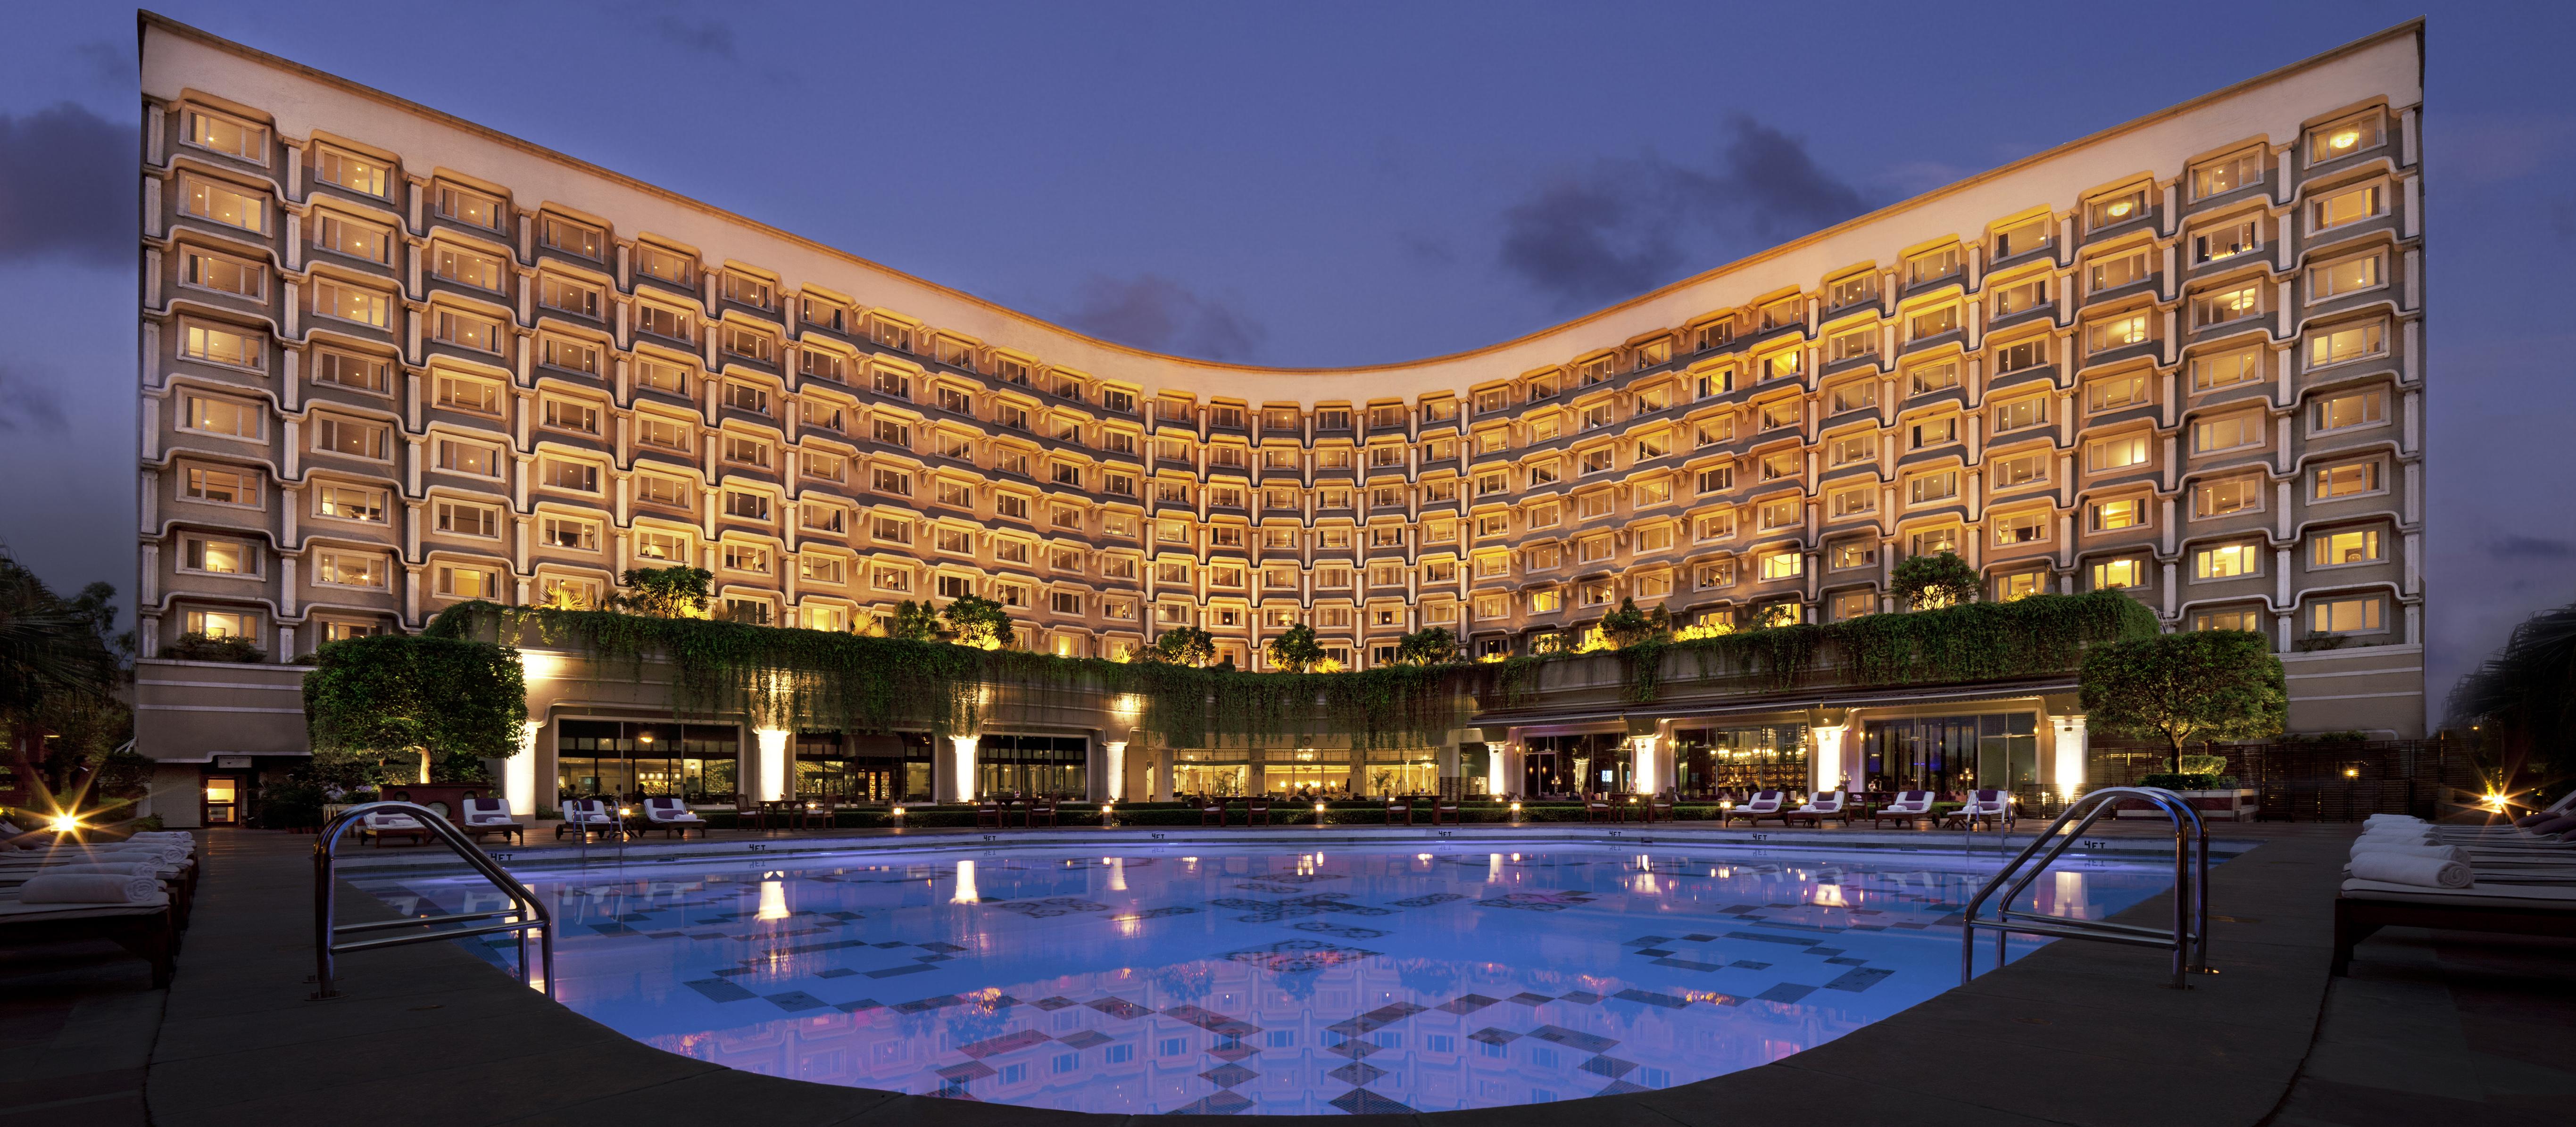 Hotel 4 stelle milano b investimenti for Hotel 4 stelle barcellona centro